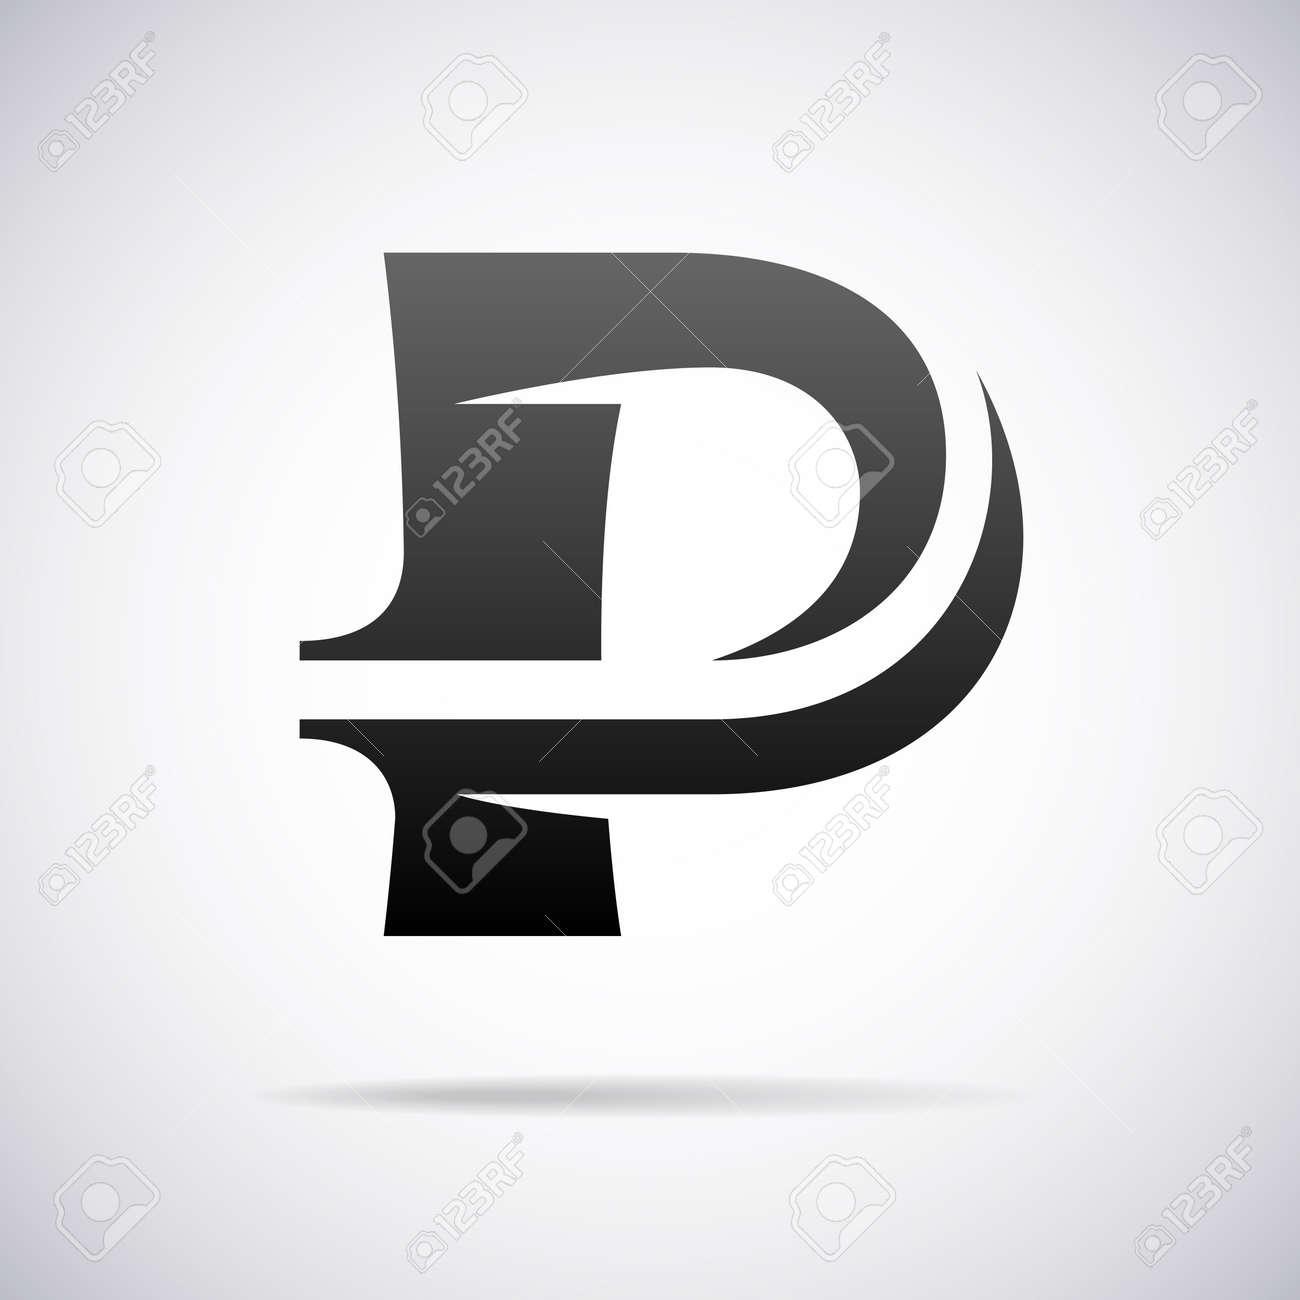 Logo For Letter P Design Template Vector Illustration Stock